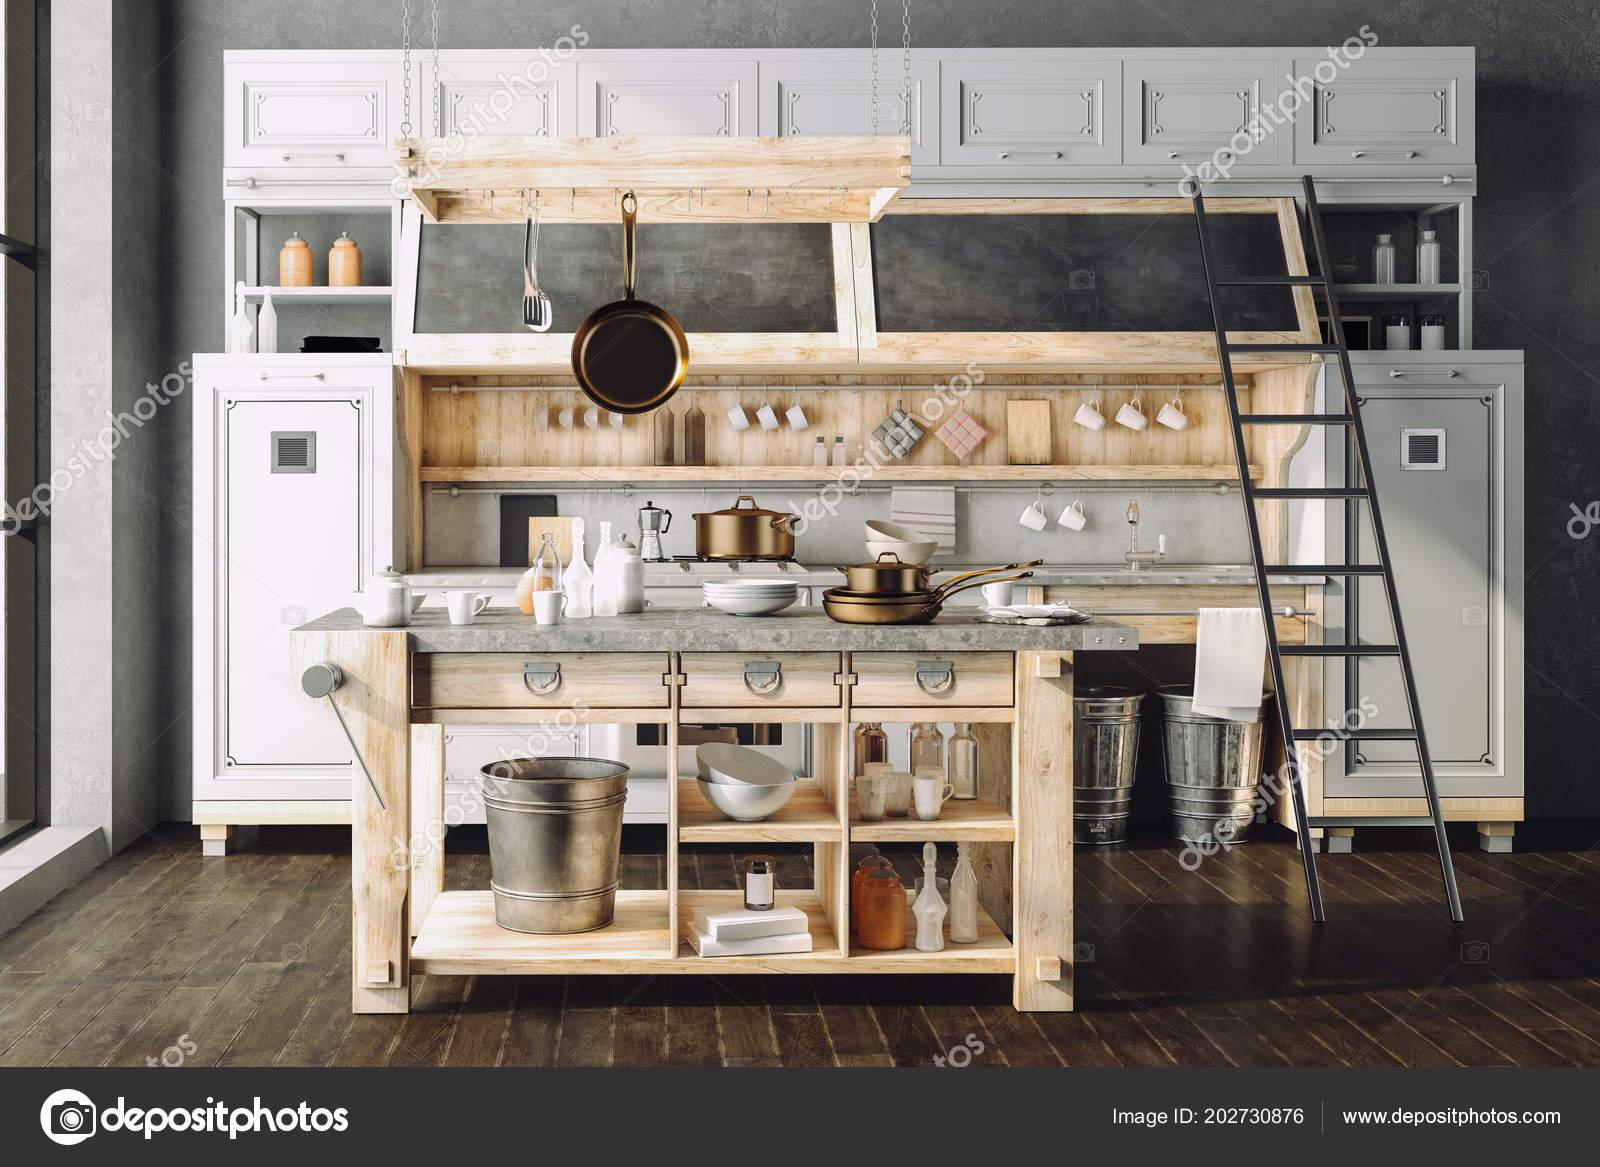 činí Krásné Retro Styl Kuchyně Stock Fotografie